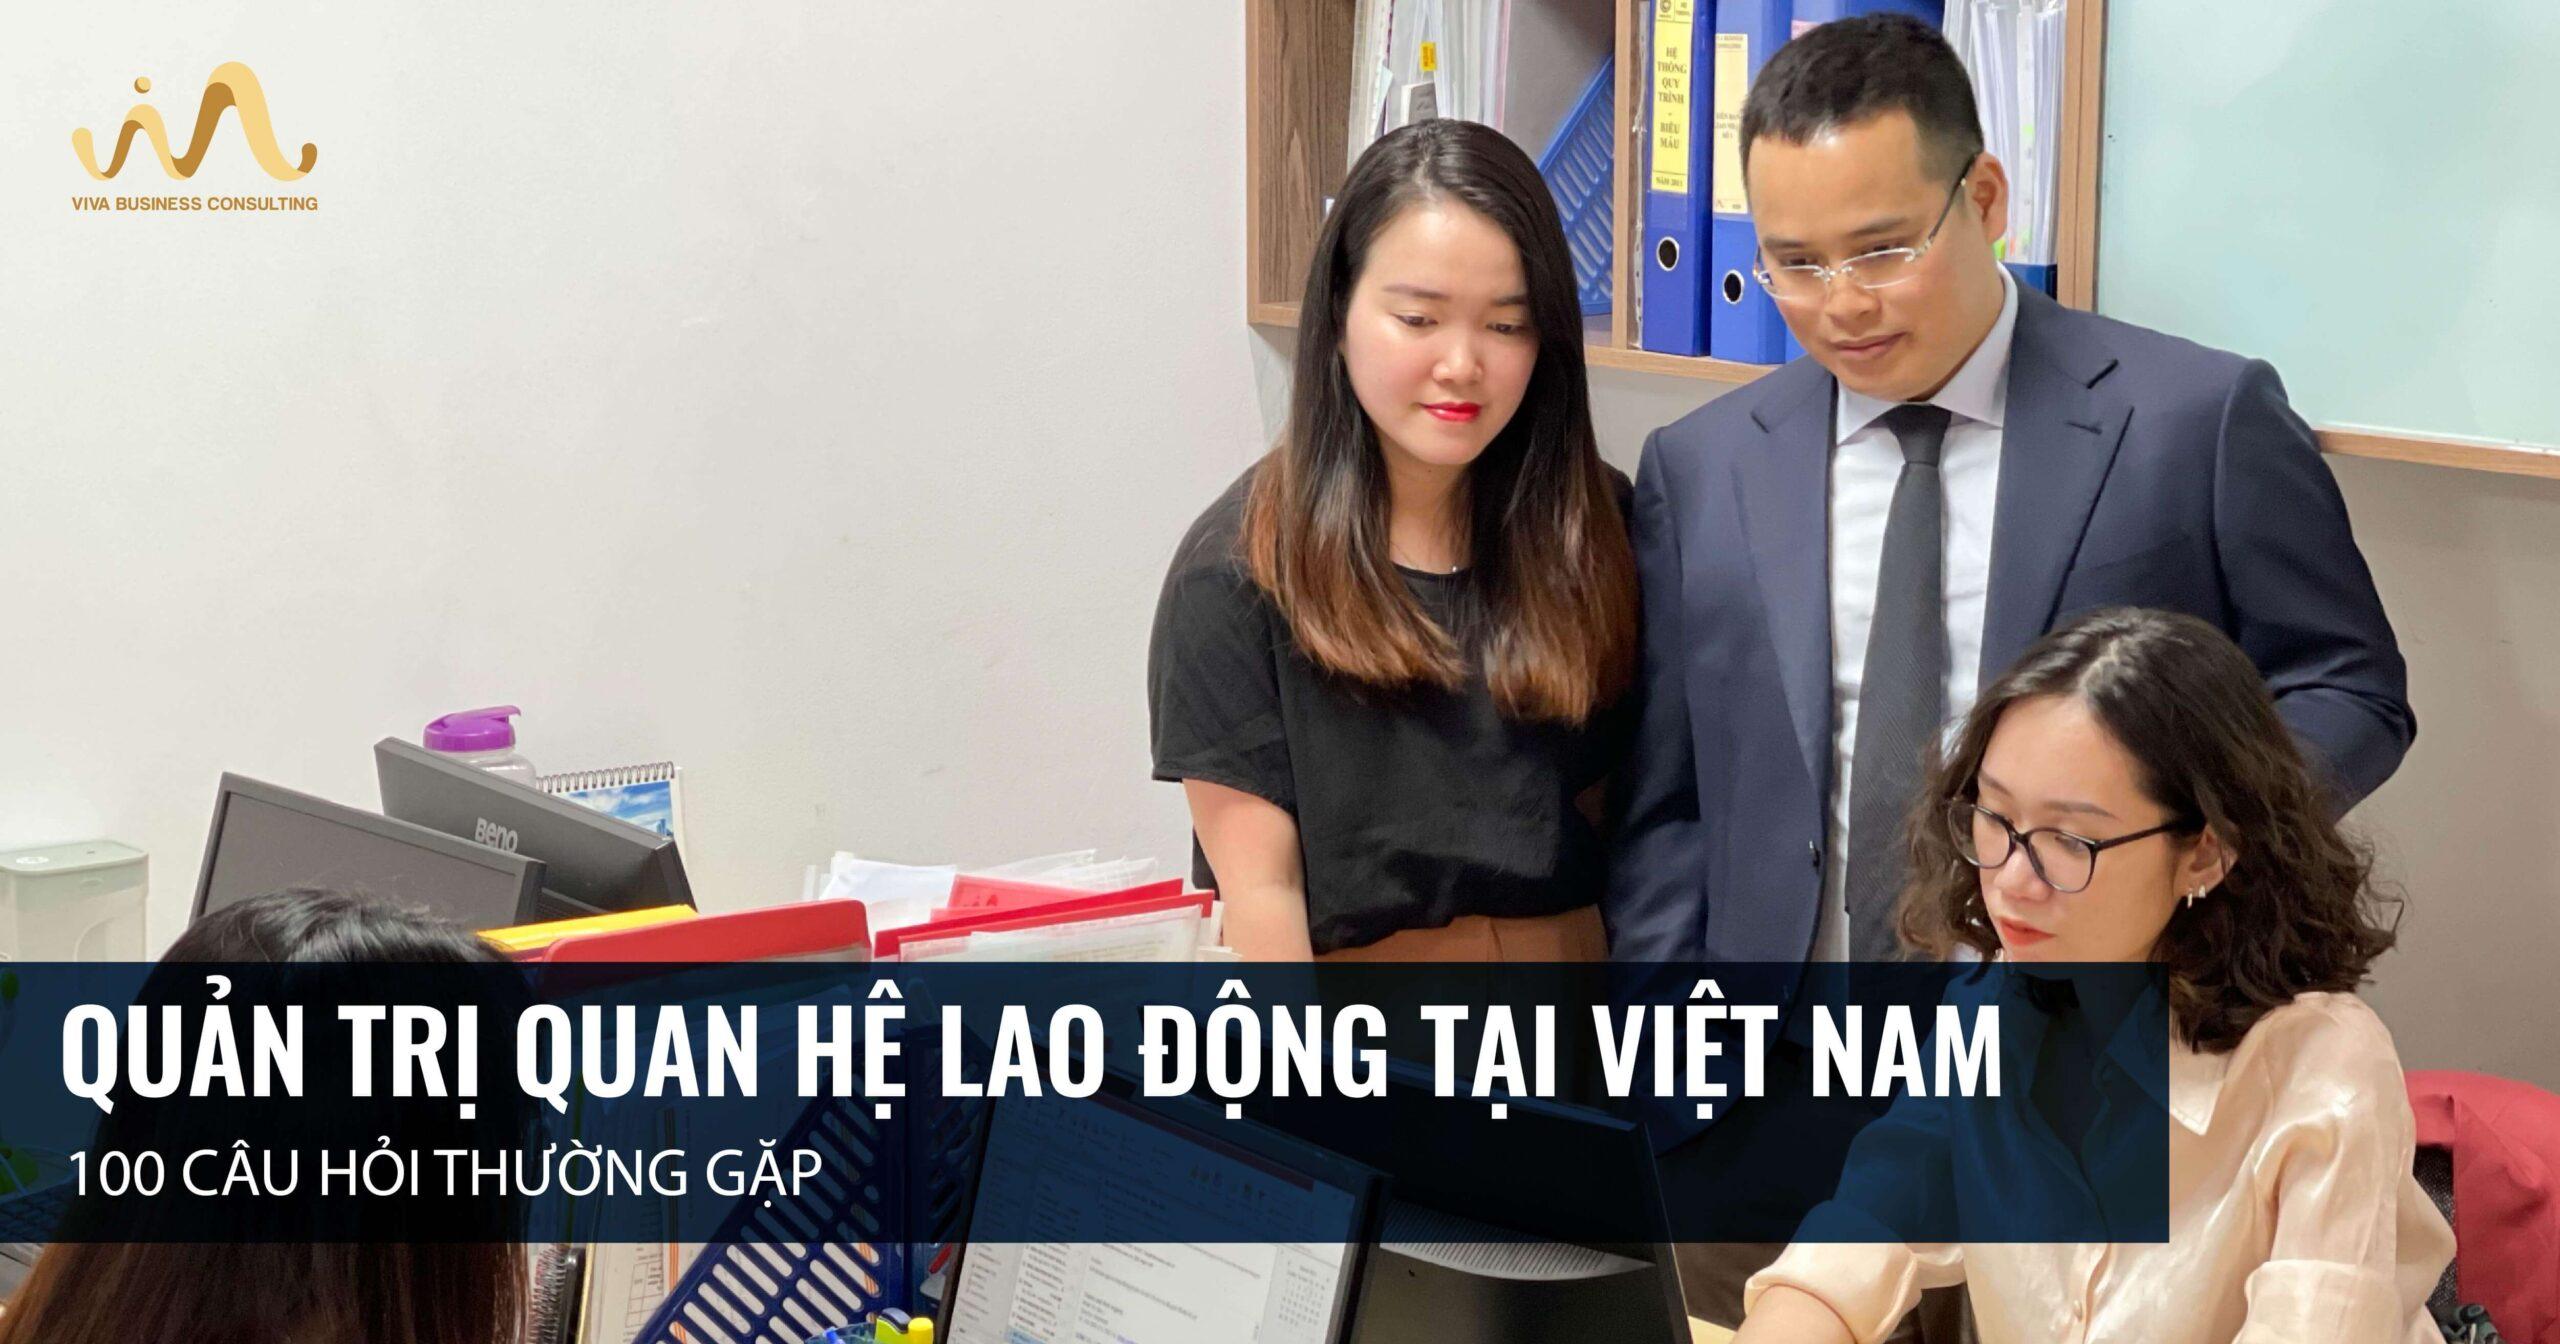 Quan hệ lao động ở Việt Nam